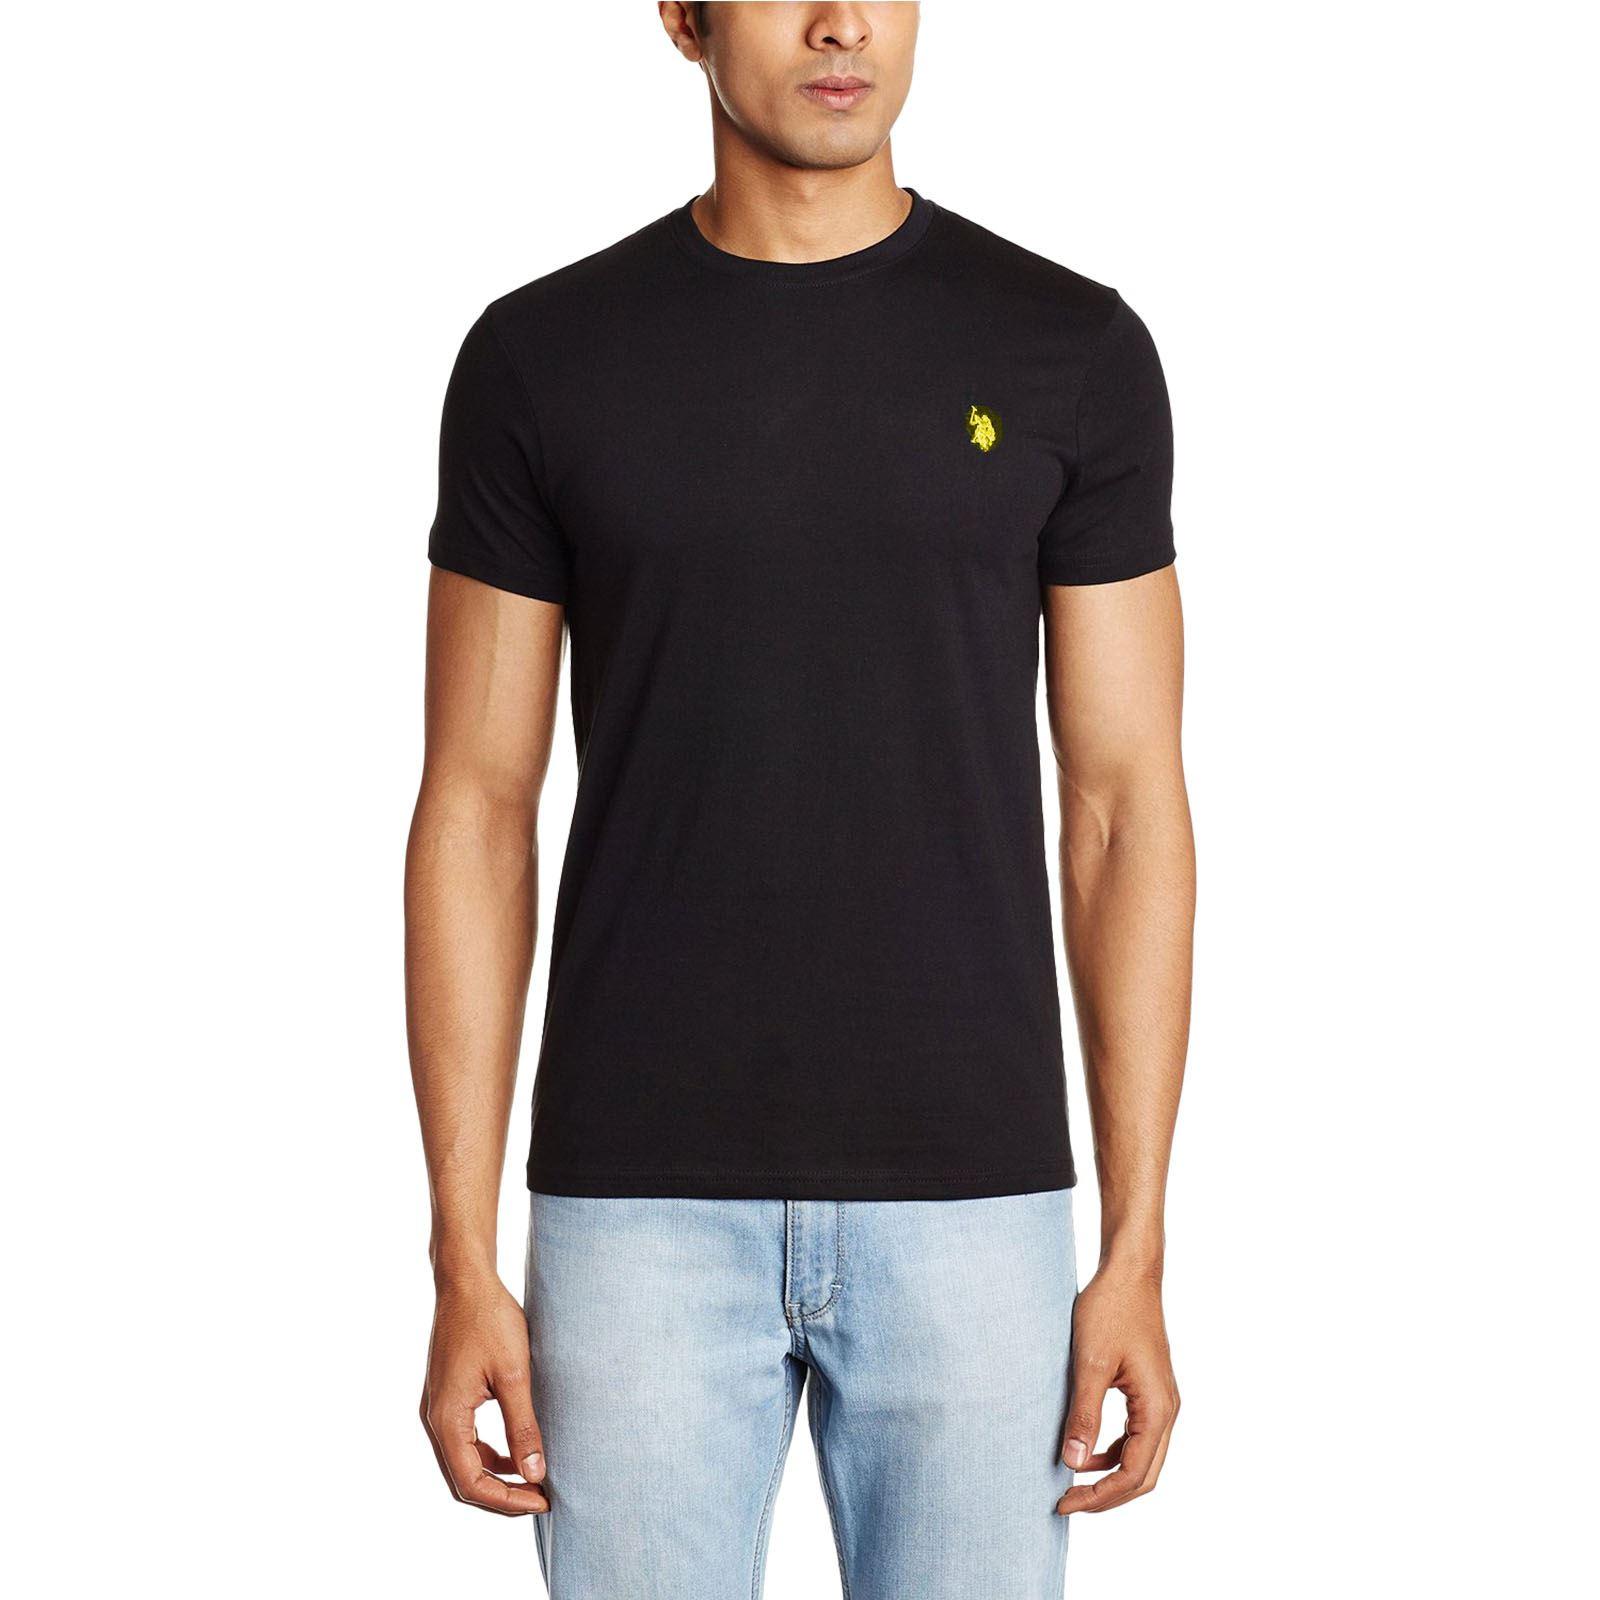 Para-Hombre-US-Polo-Assn-llanura-de-Algodon-de-Cuello-Redondo-Informal-Camiseta-Top-Pequeno-Pony